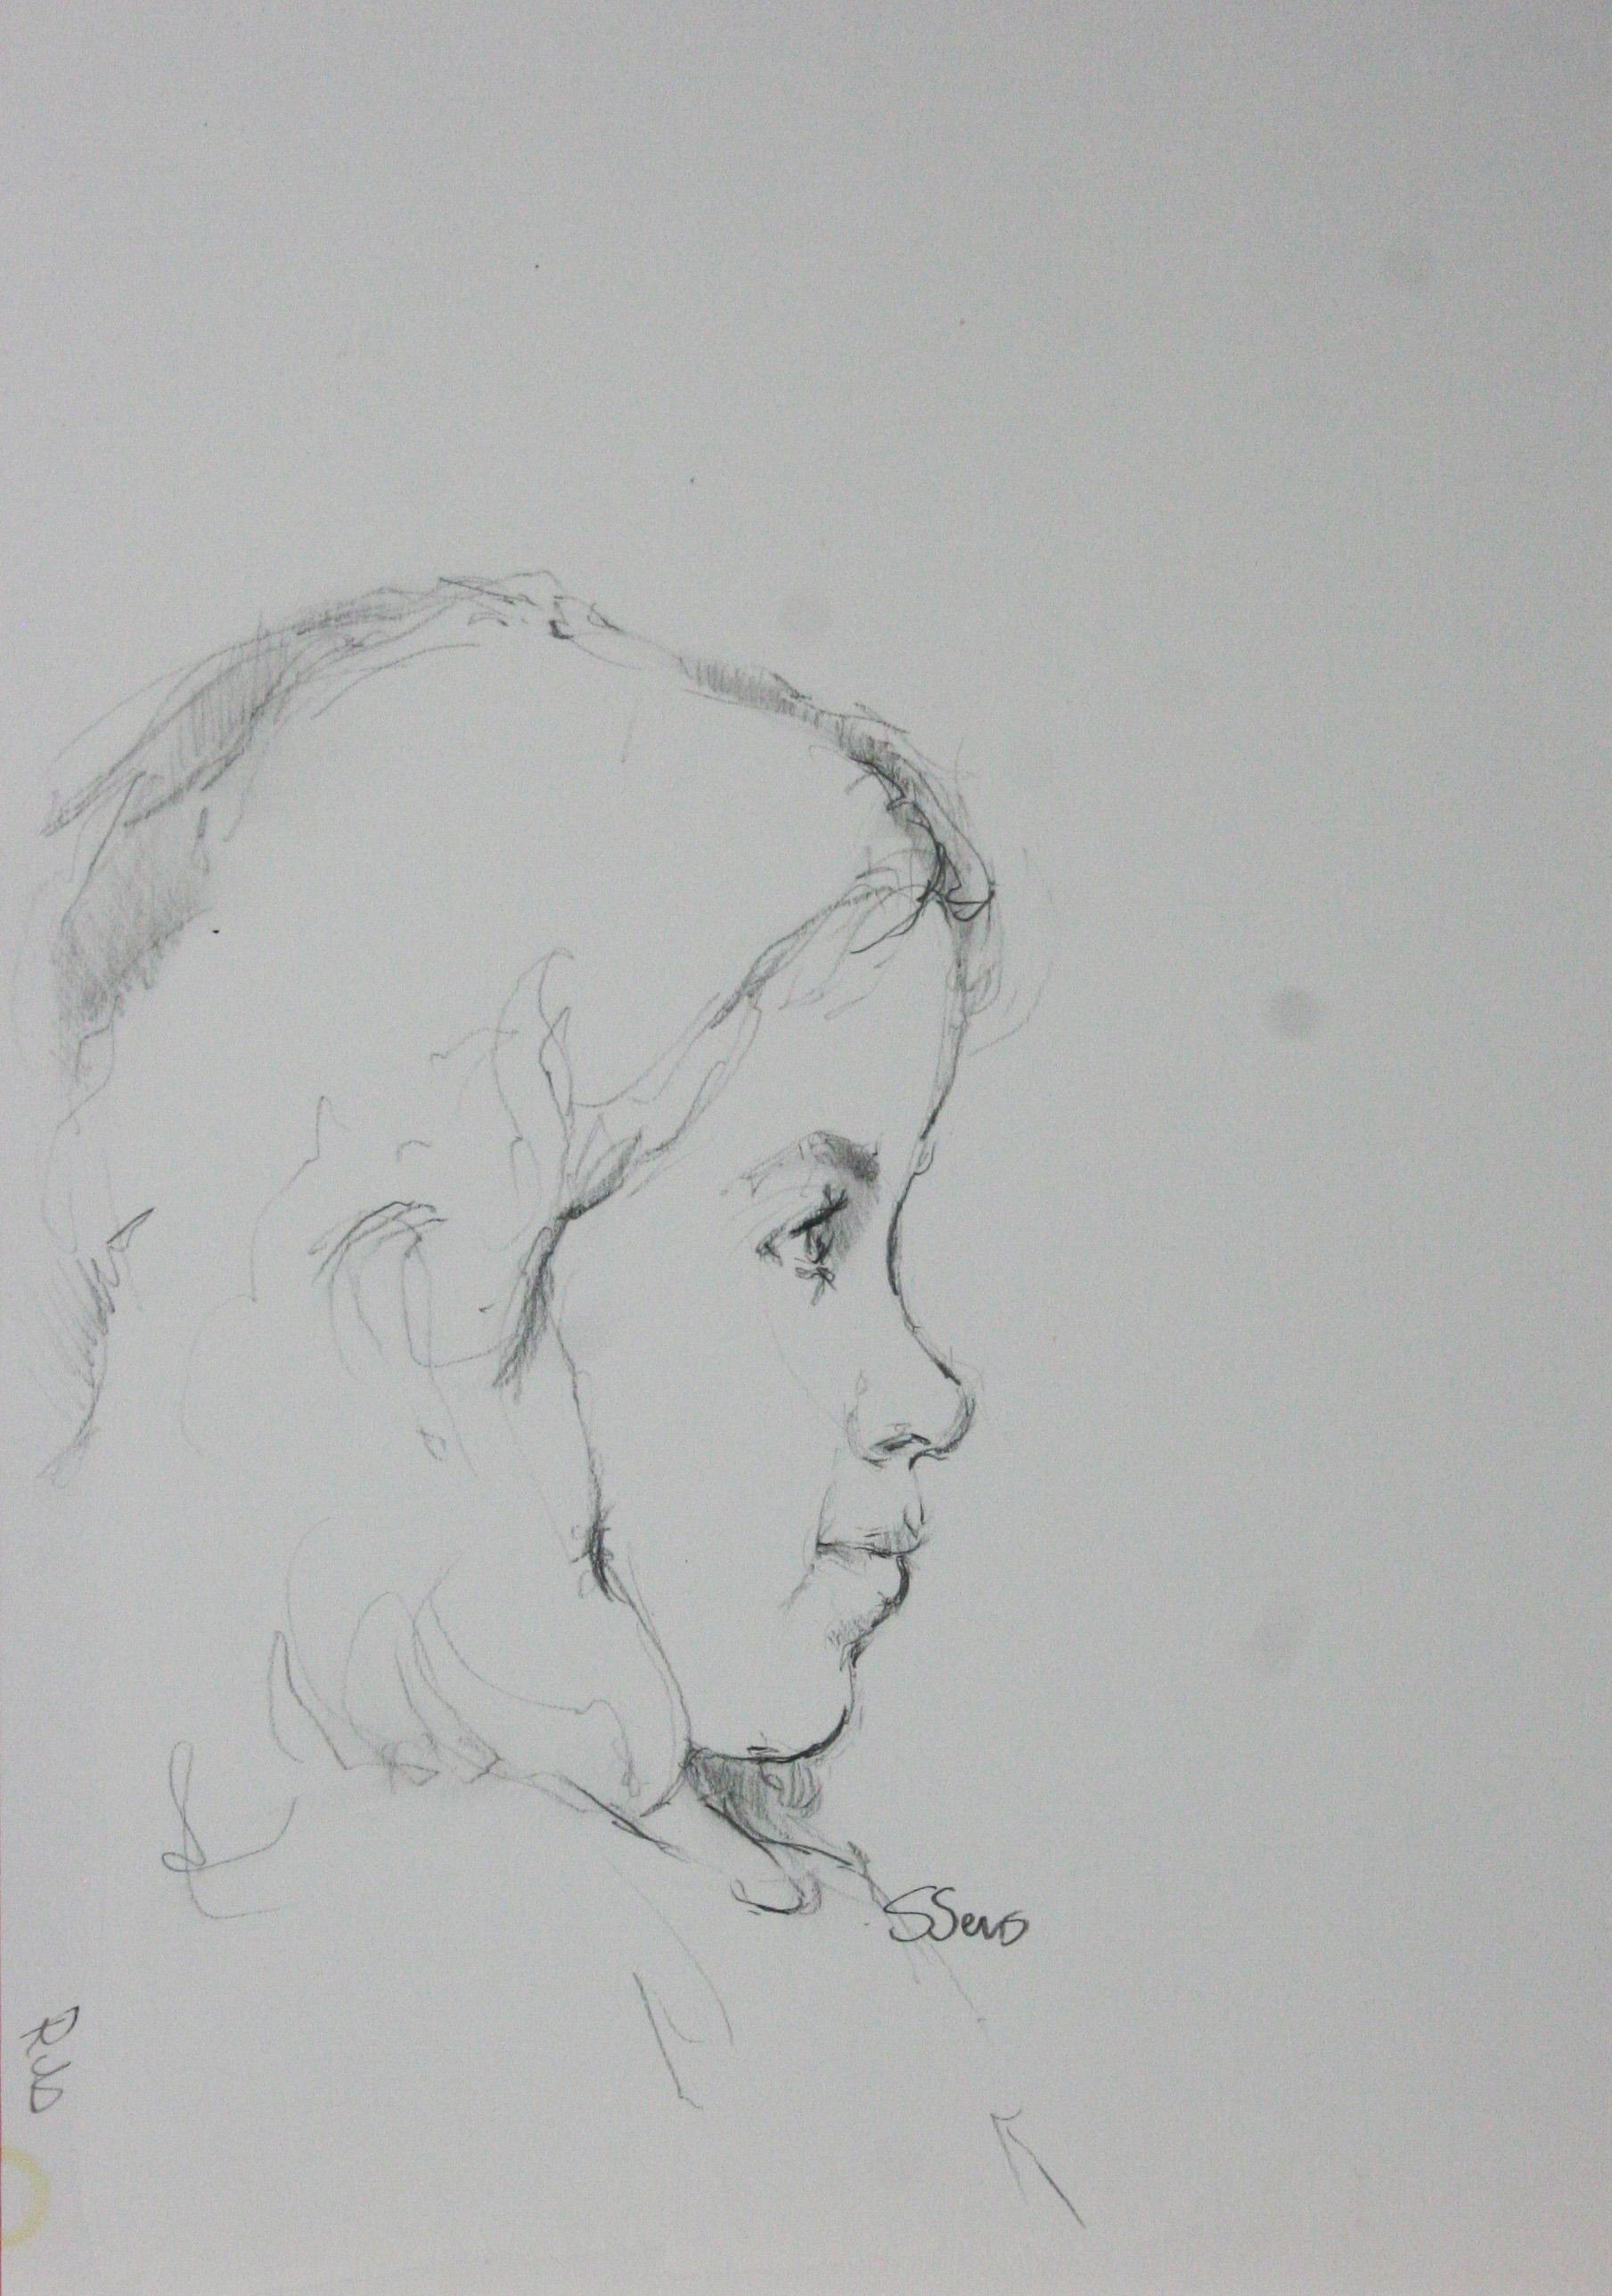 Steve Sens did this drawing of Winnie.